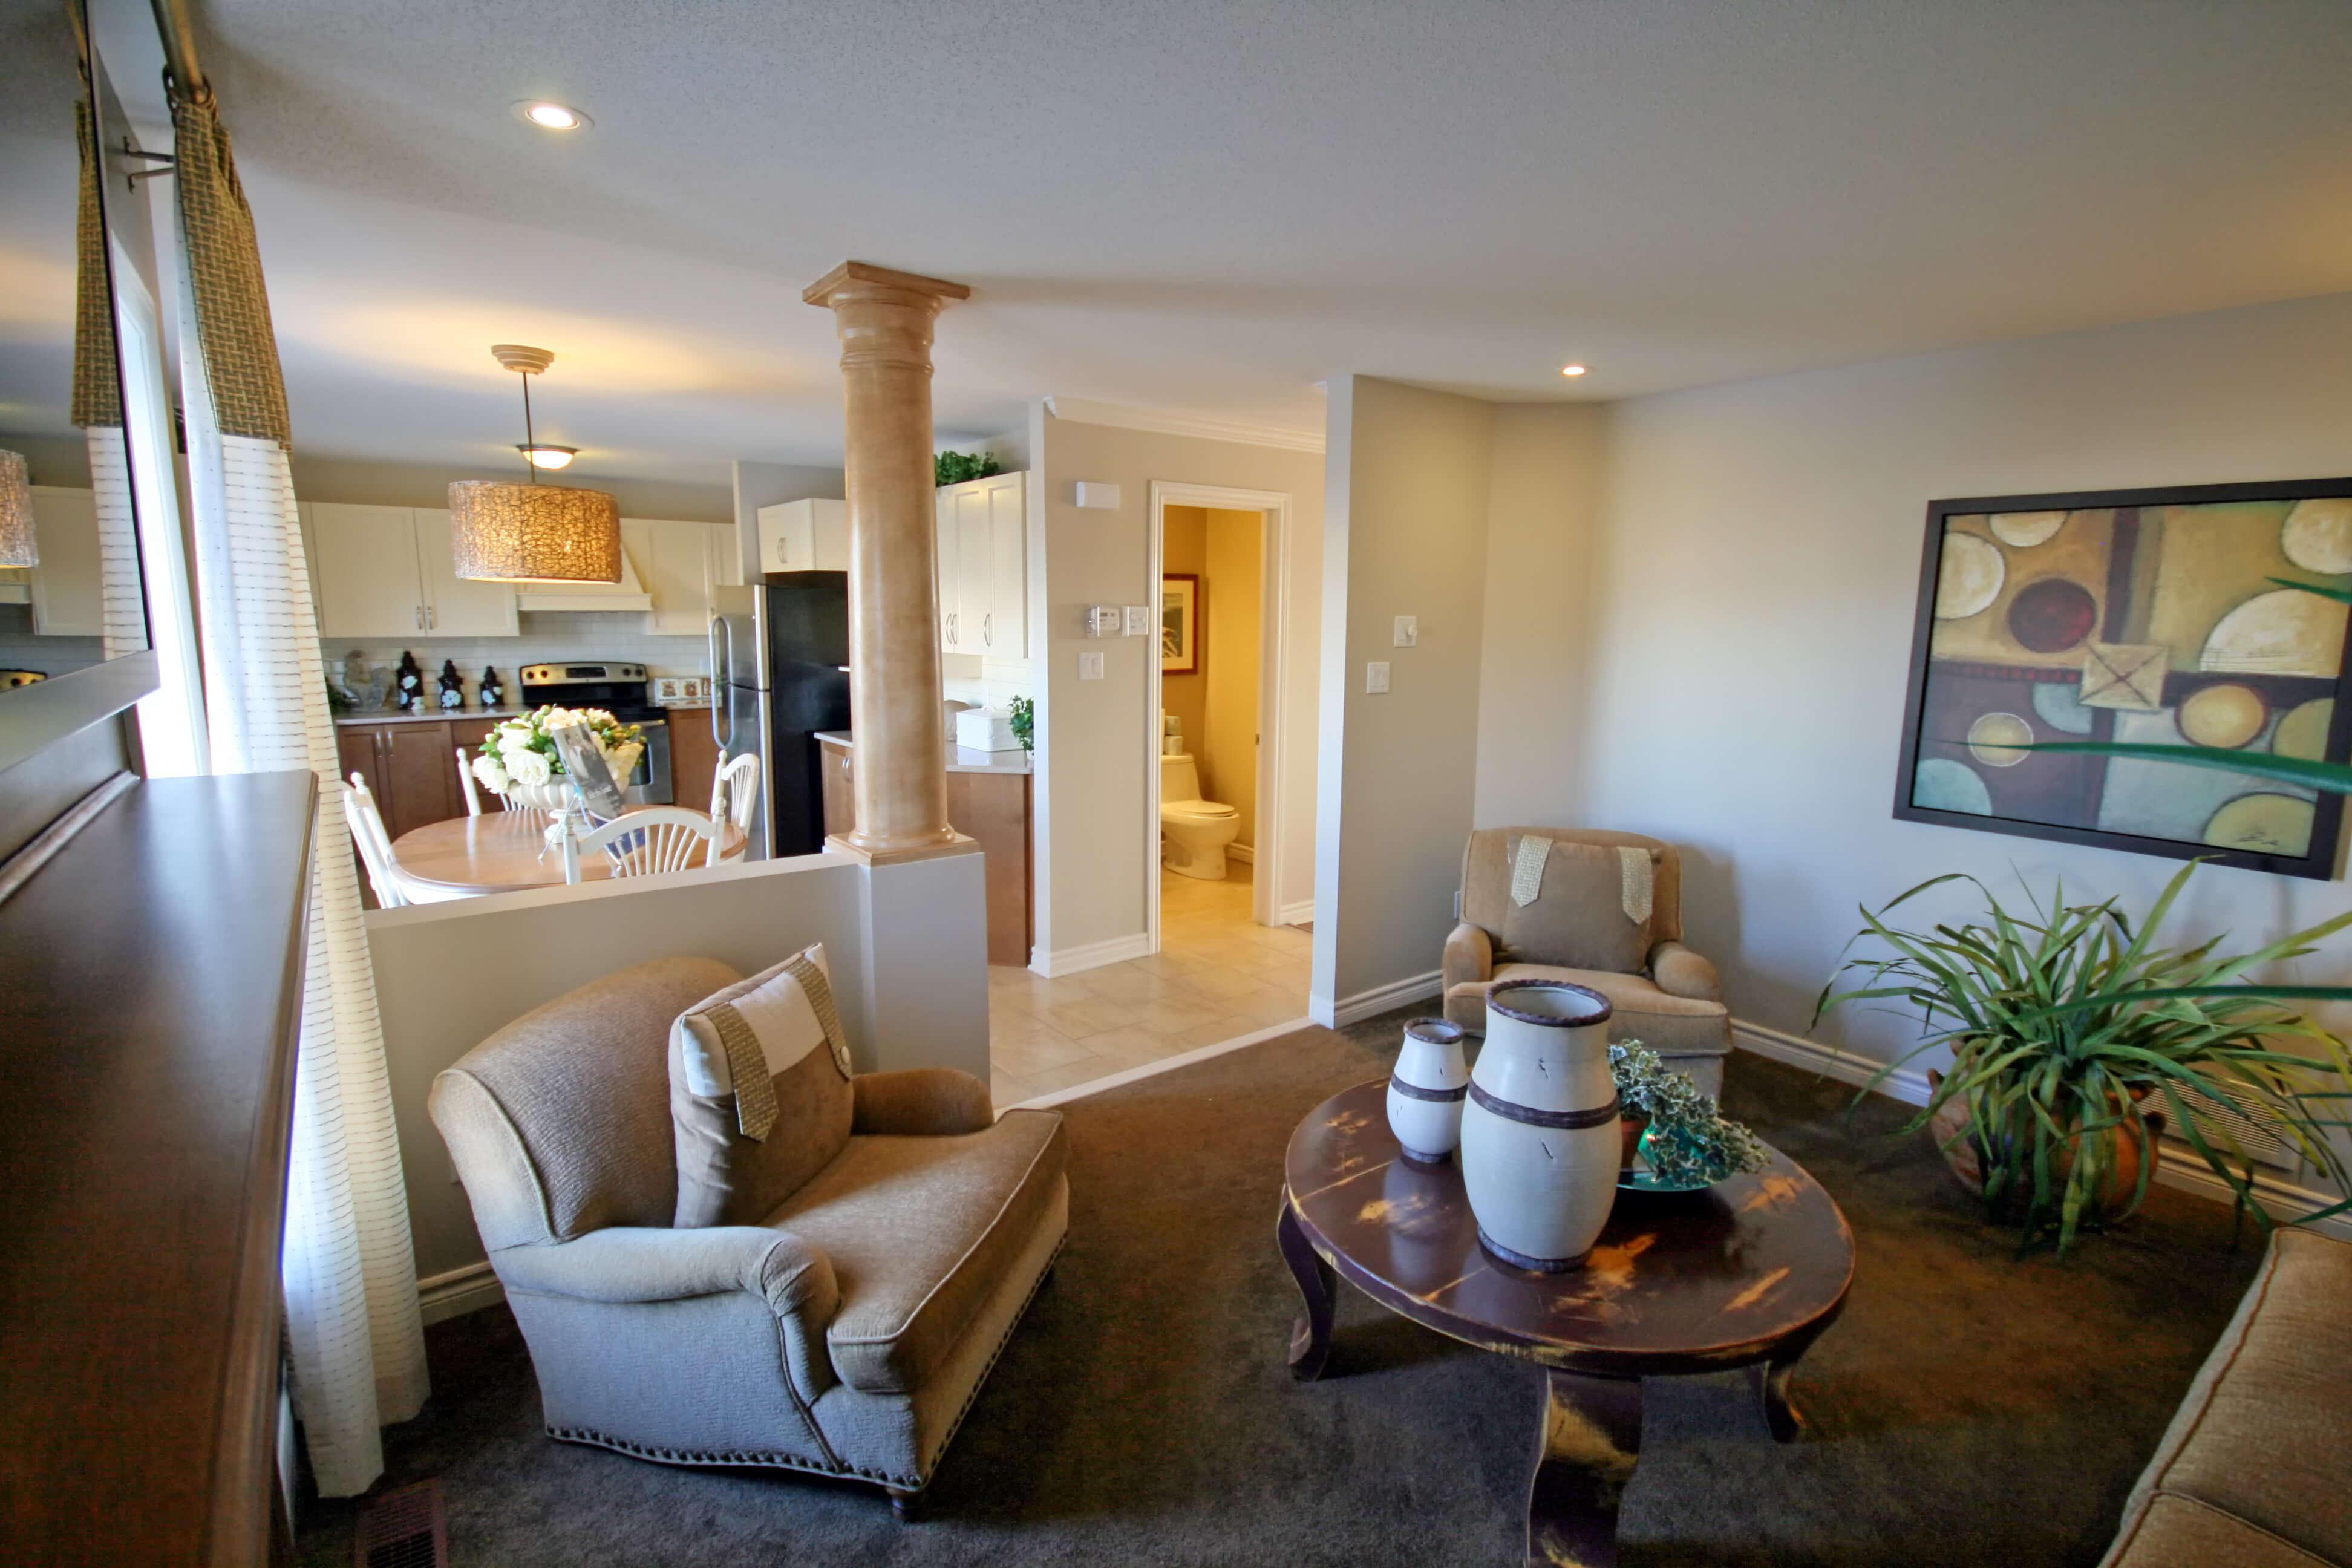 Accessoires voor de woonkamer - Tips & Inspiratie | Wiki Wonen